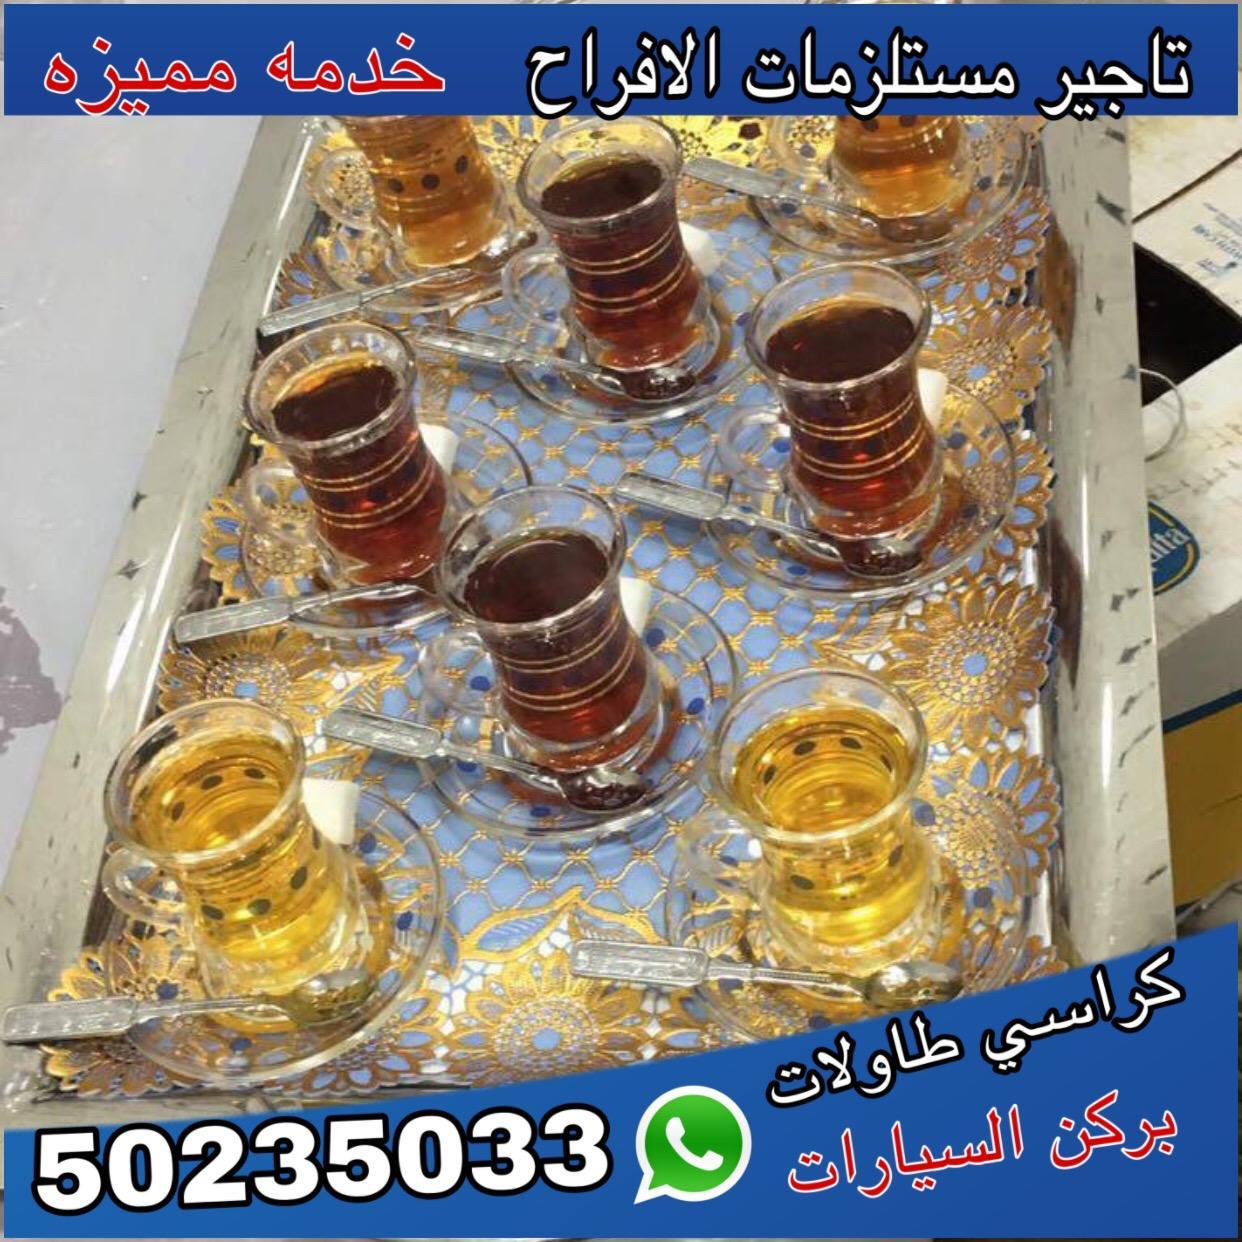 خدمة شاي وقهوة وعصير | 50235033 | الفخامة الكويتية